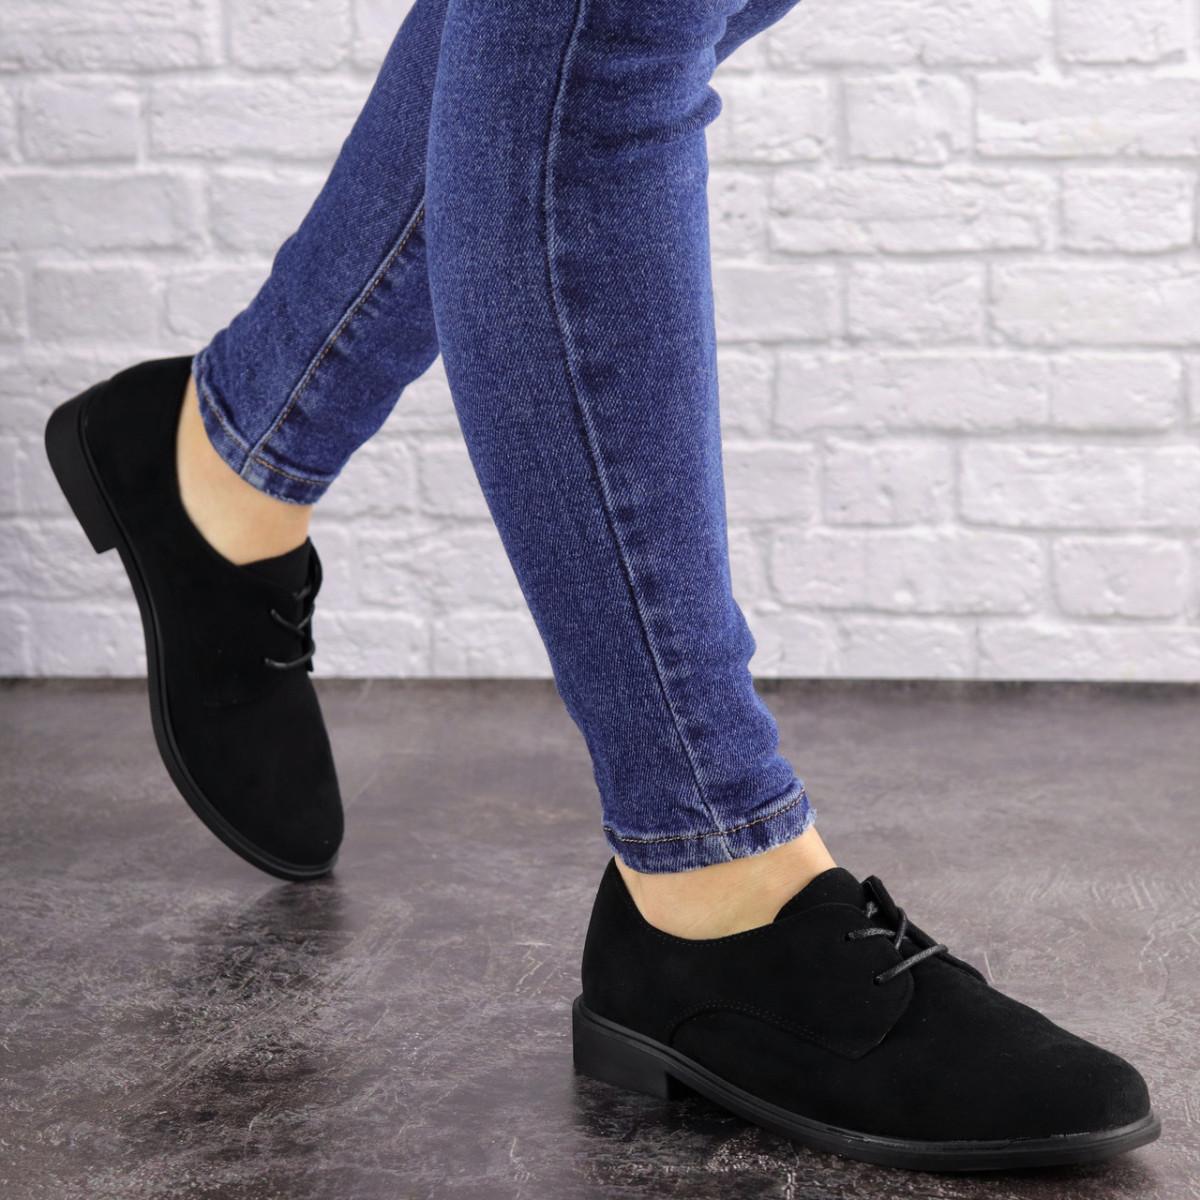 Женские туфли Fluffy черные 1618 (41 размер)